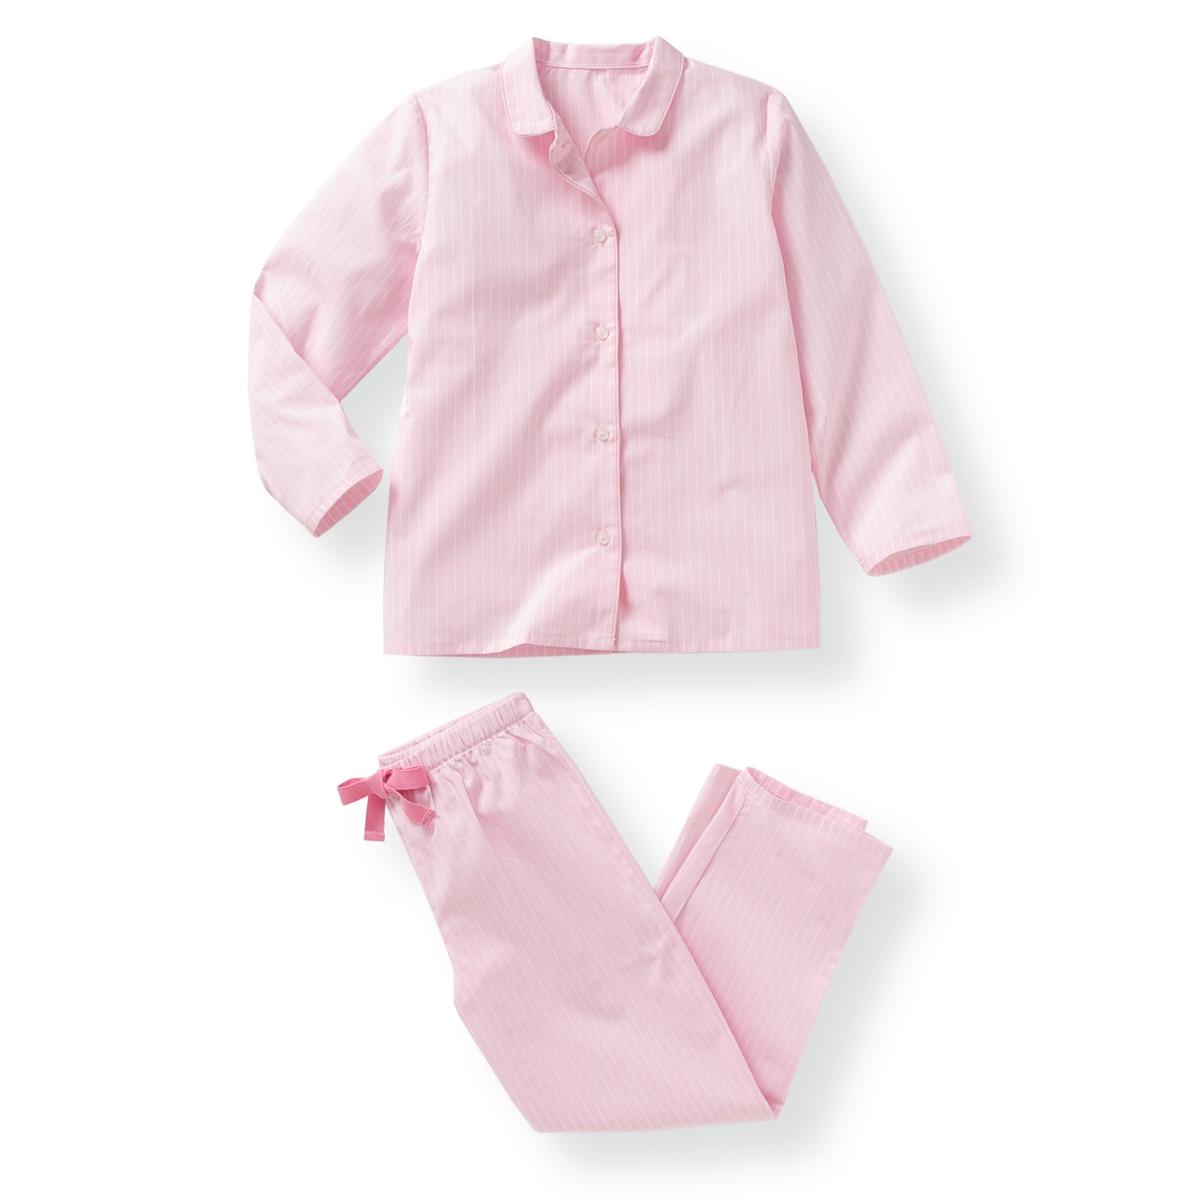 Пижама в полоску, 2-12 летПижама в полоску: куртка и брюки. Куртка с закругленным отложным воротником и застежкой на пуговицы. Широкие брюки с эластичным поясом. Состав и описание : Материал      полотно, 100% хлопокМарка      R essentiel  Уход :Машинная стирка при 30 °C с вещами схожих цветов.Стирать и гладить с изнаночной стороны.Машинная сушка в умеренном режиме.Гладить при низкой температуре<br><br>Цвет: в полоску<br>Размер: 2 года - 86 см.8 лет - 126 см.6 лет - 114 см.5 лет - 108 см.4 года - 102 см.3 года - 94 см